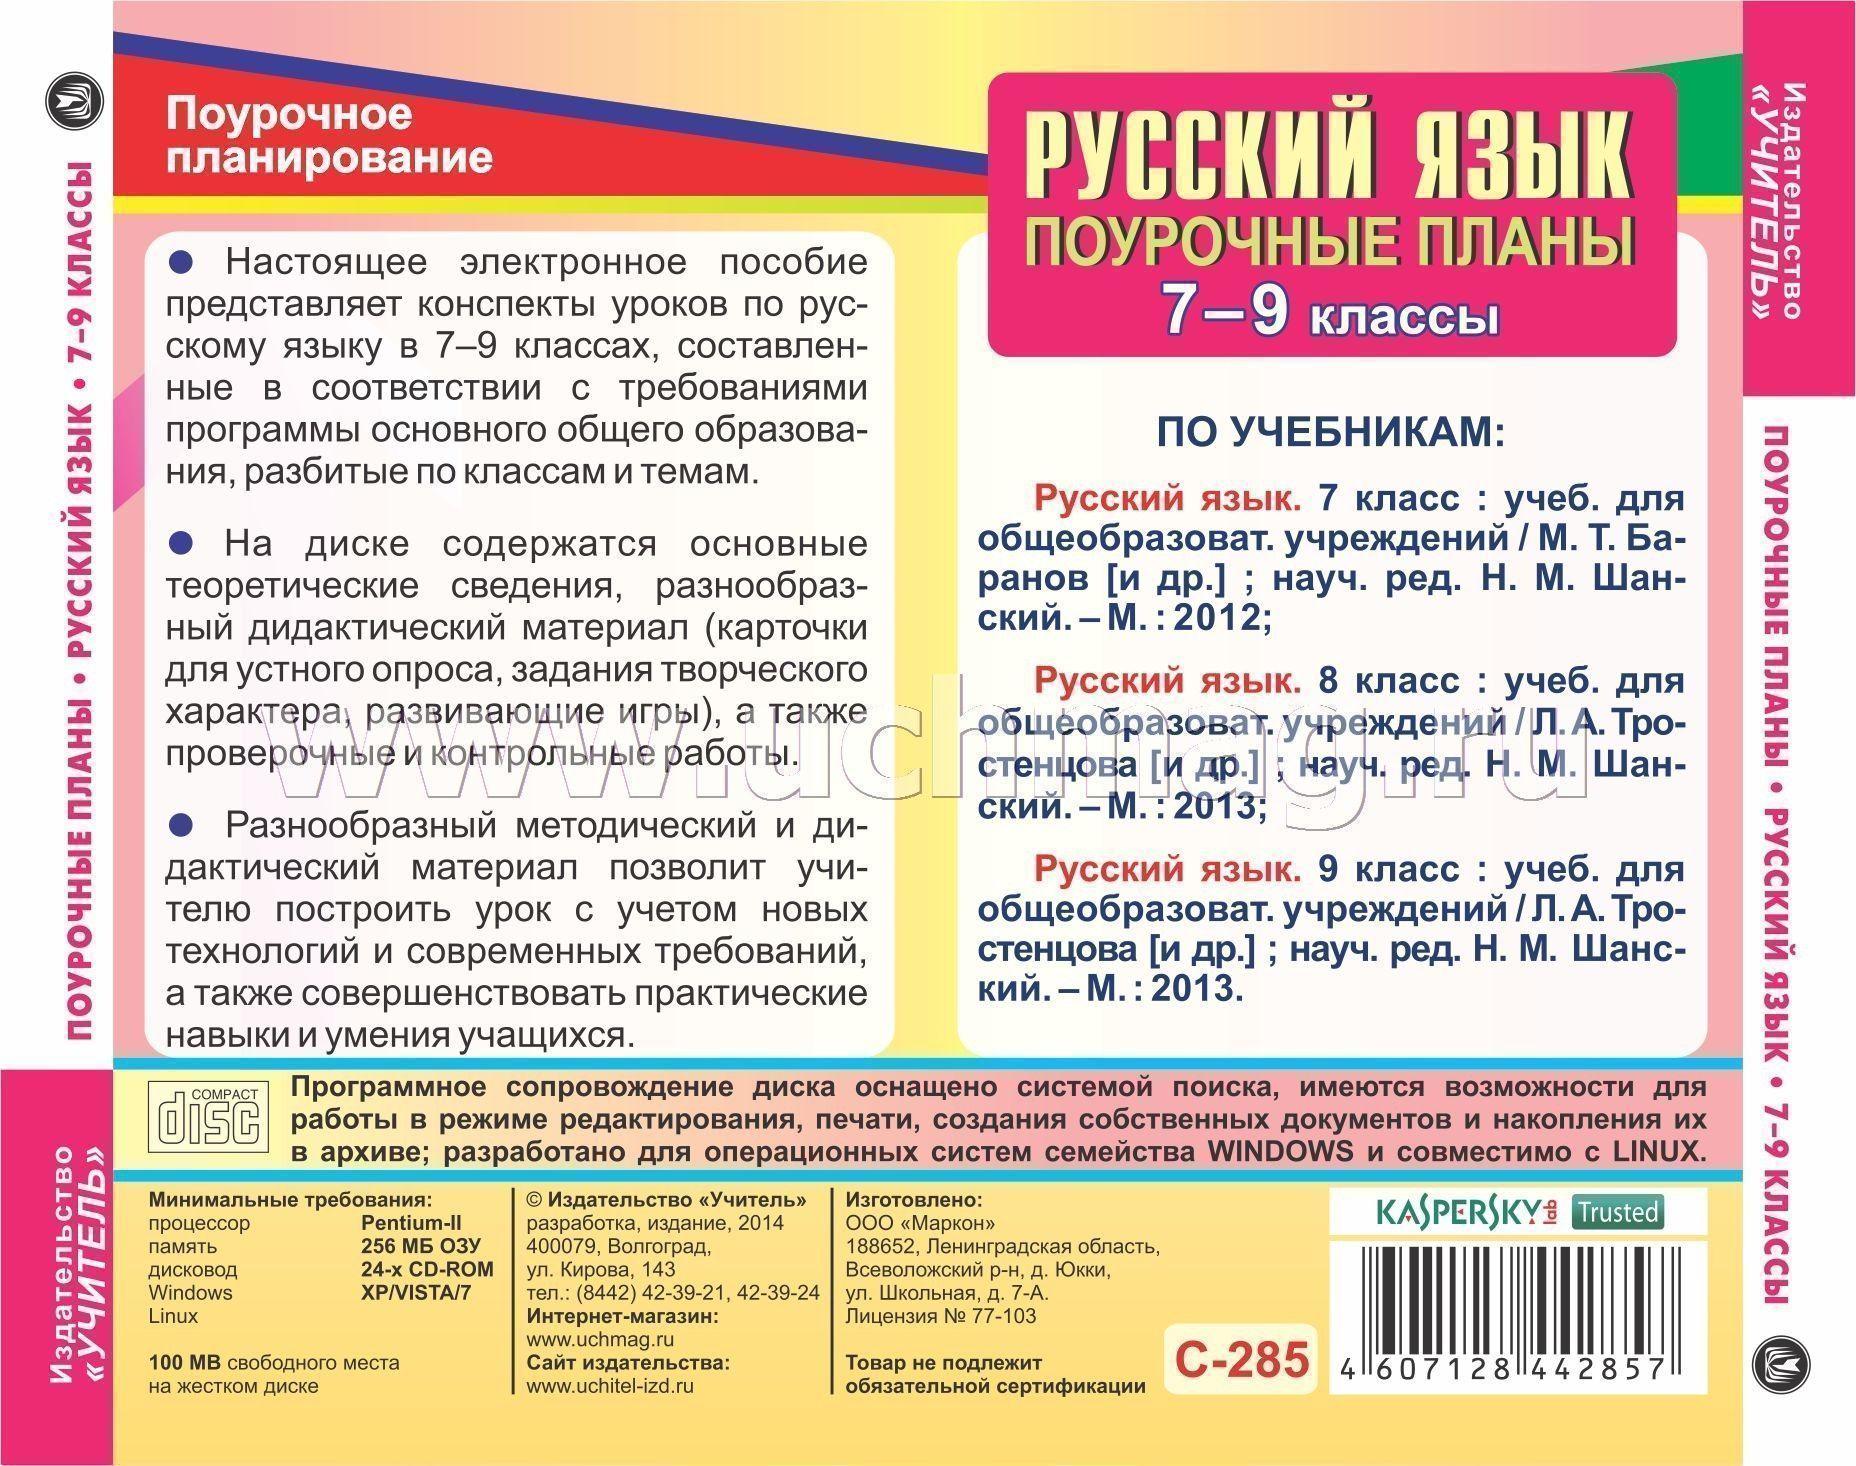 Методические уроки по фгос русский язык 5 класс баранов ладыженская